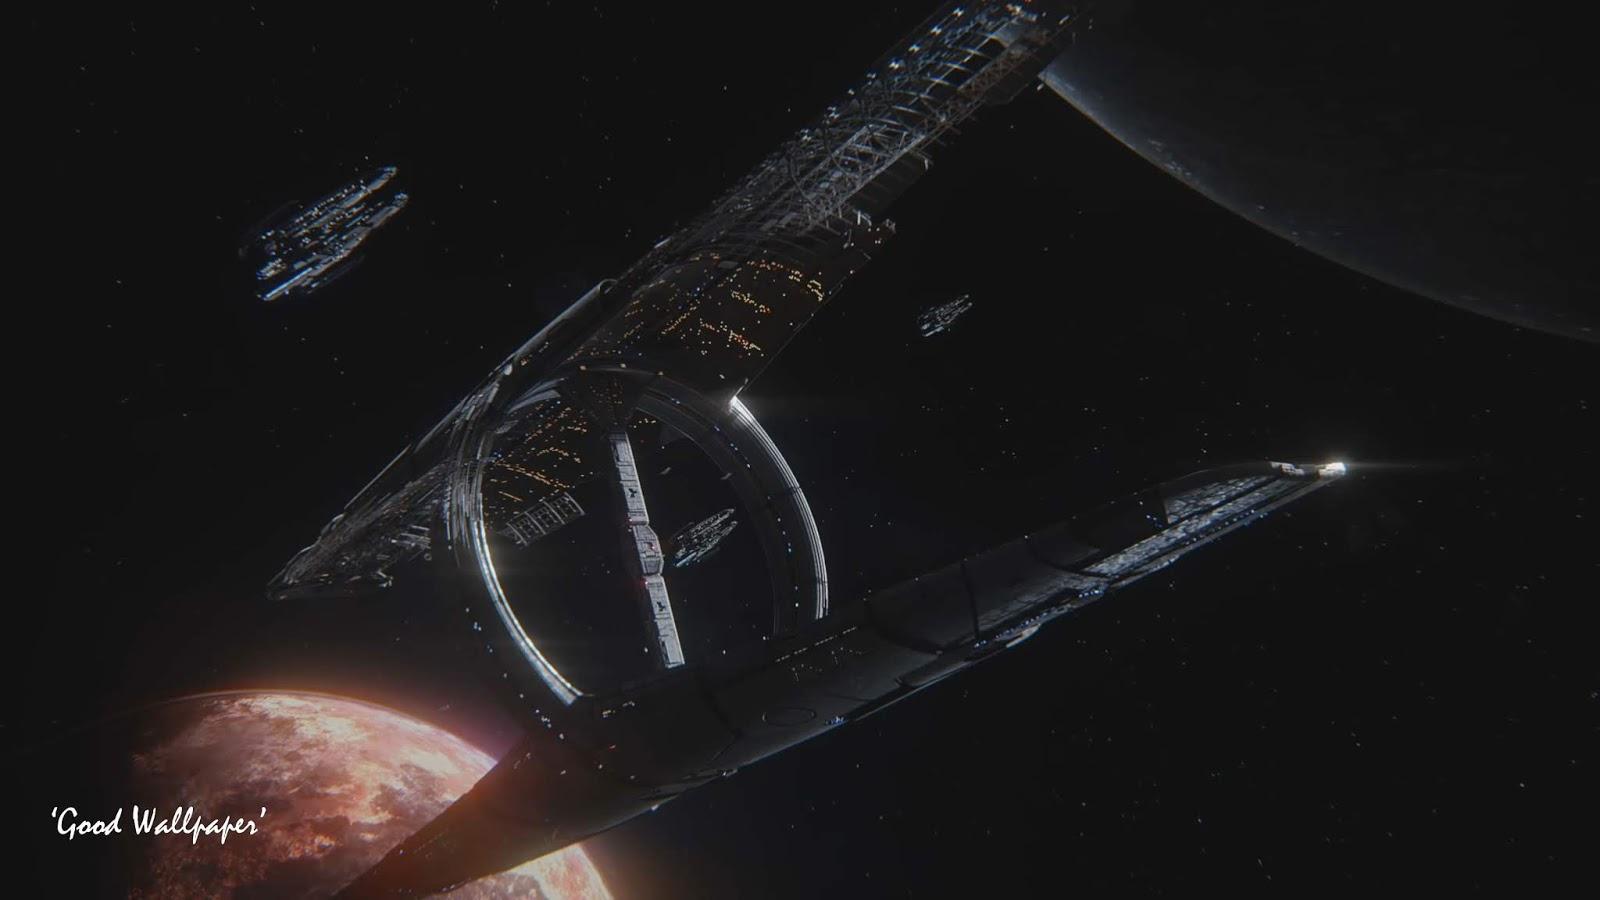 Mass Effect Andromeda Wallpaper Iphone: 3D Mass Effect Andromeda Wallpaper Full HD 4k 1920x1080